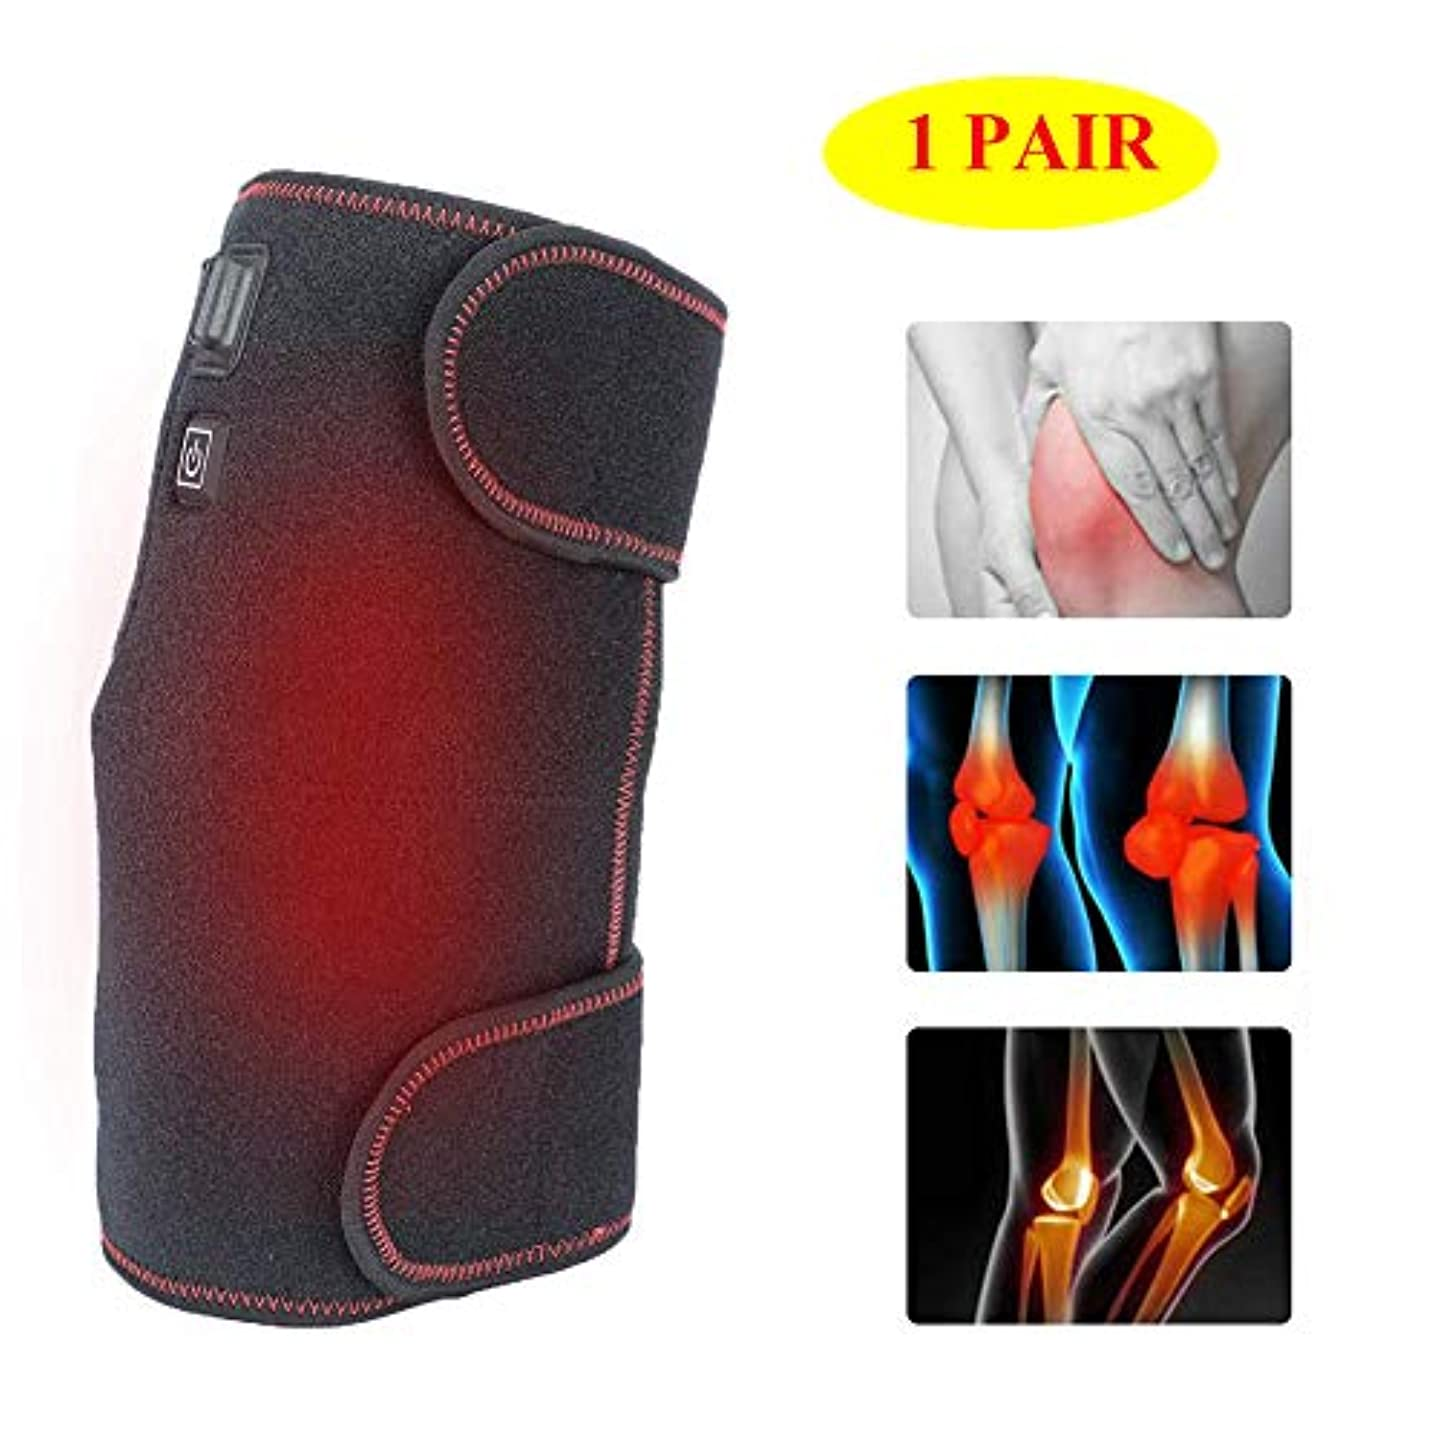 障害者不純登録3ファイル温度の膝ブレース1ペアを加熱-膝の怪我のためのUSB充電式治療加熱パッド脚ウォームラップ